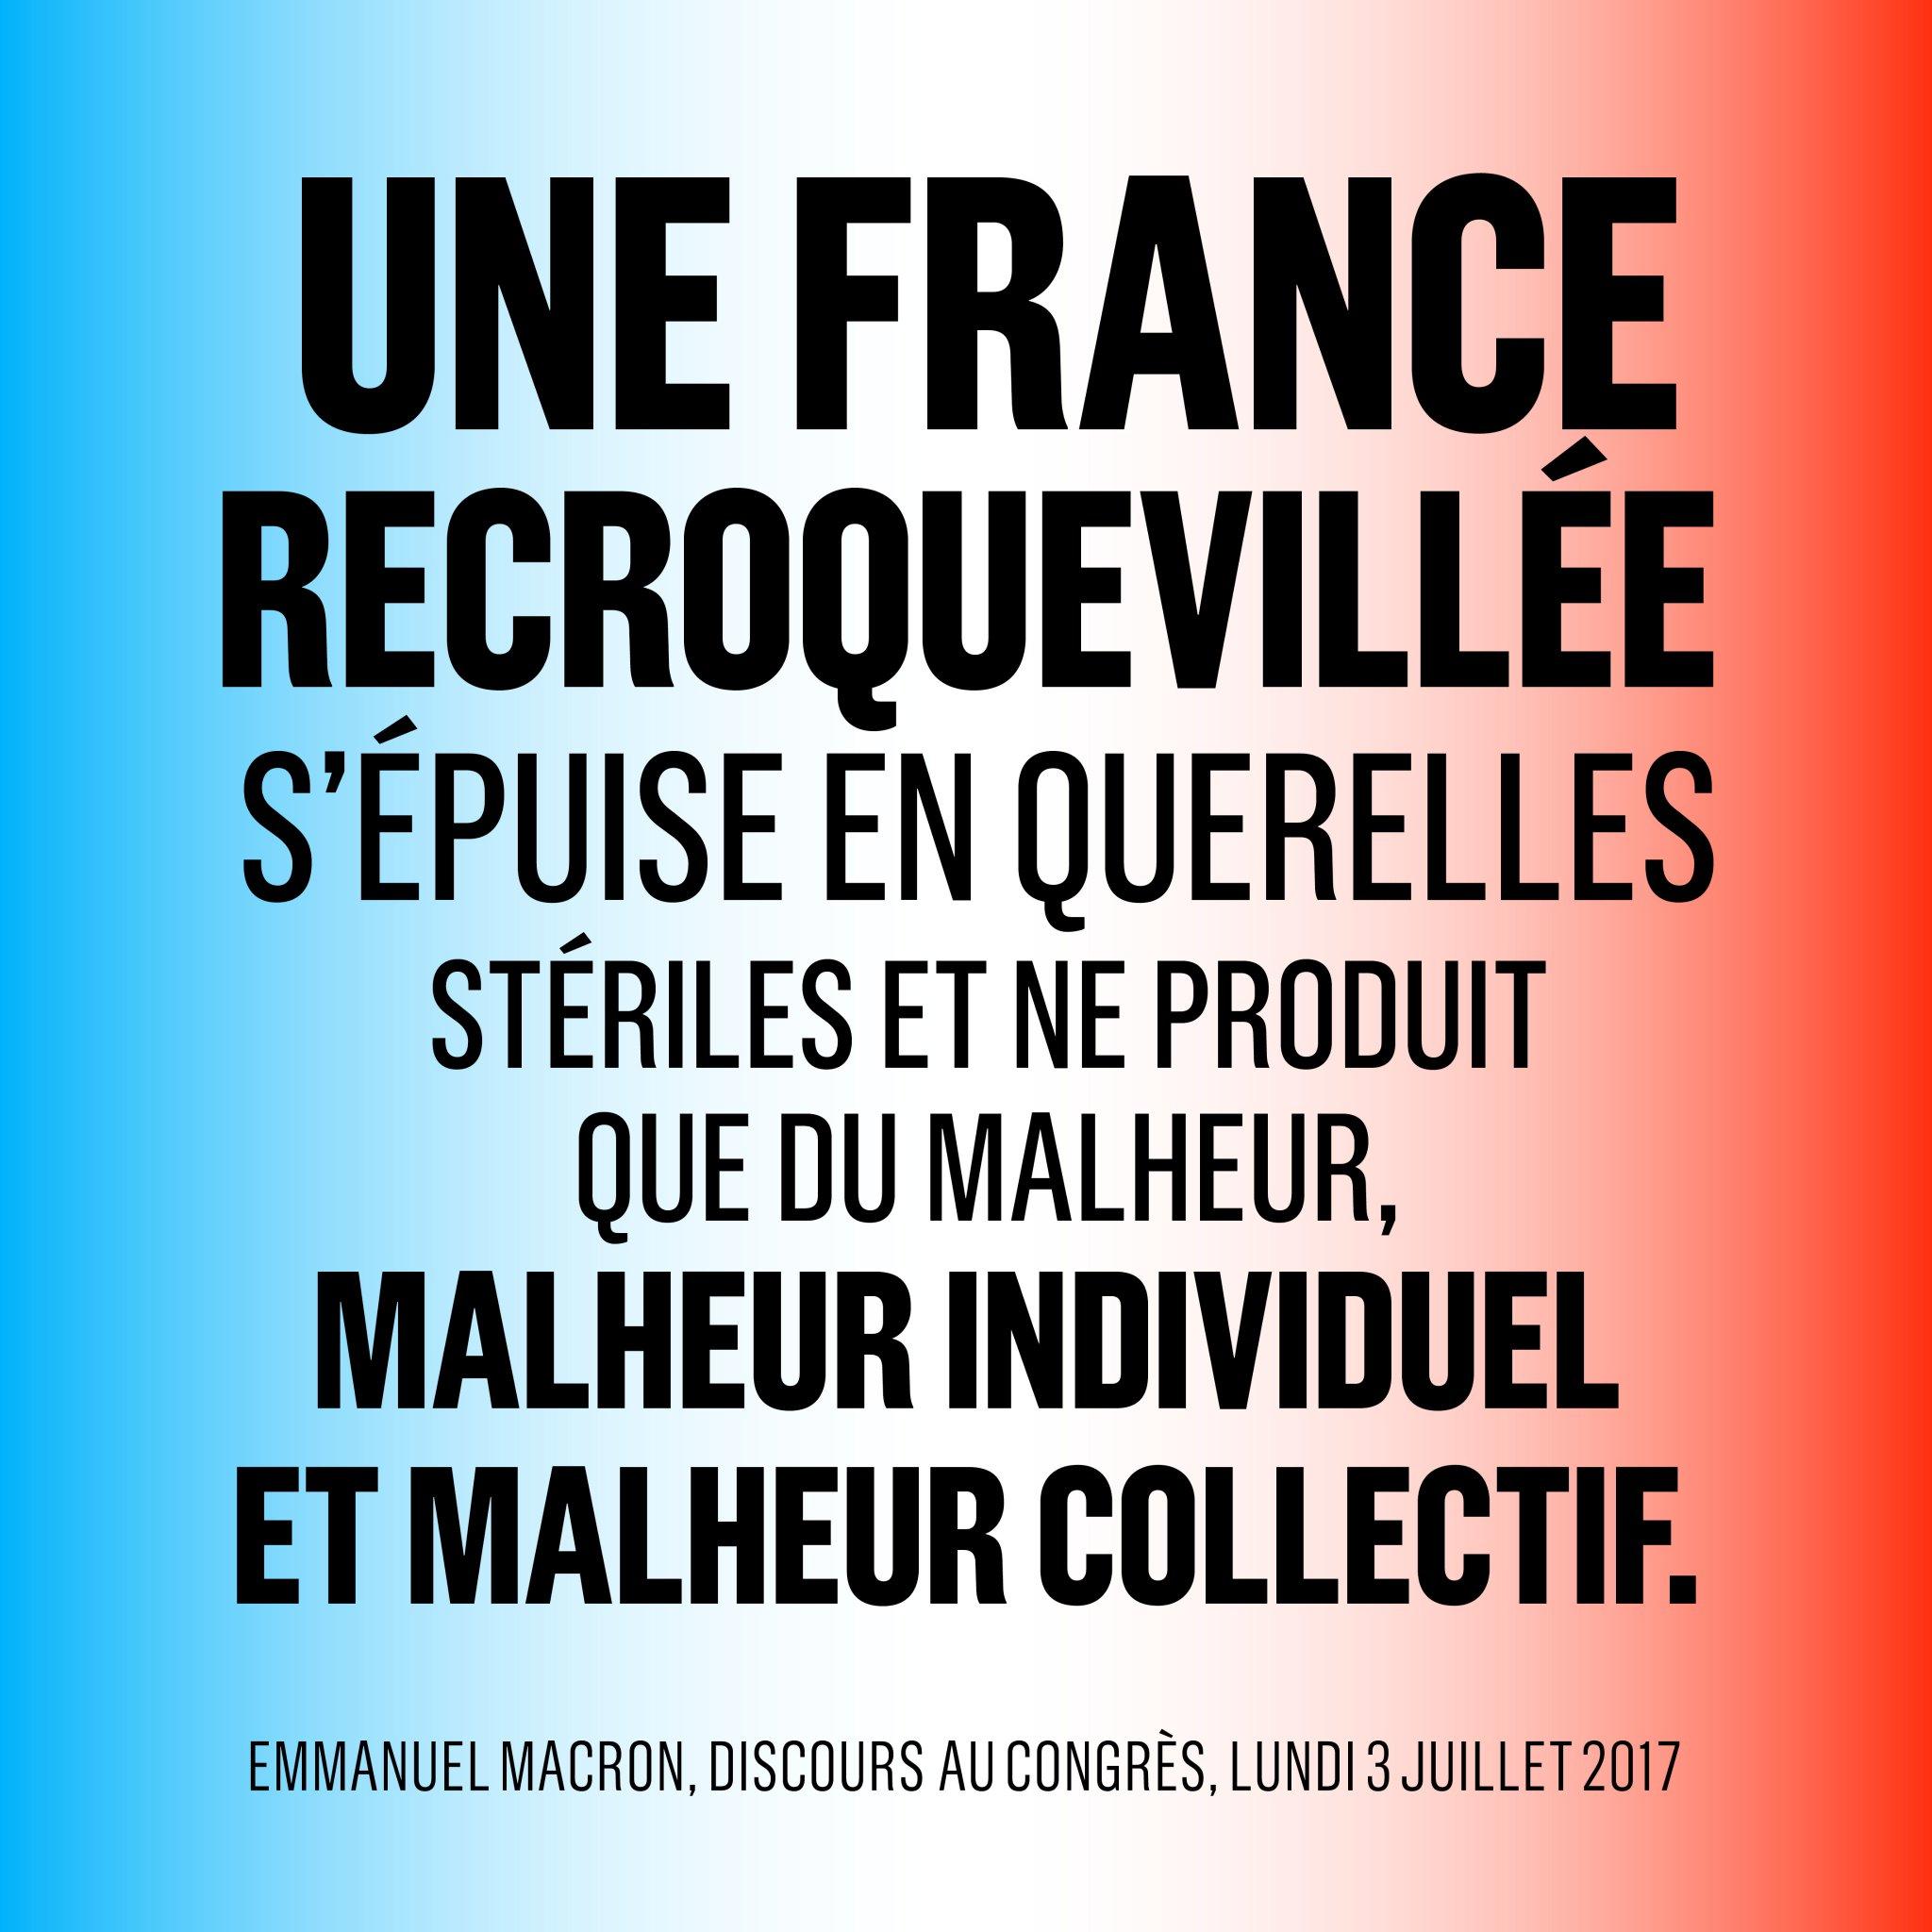 Une France arrêtée s'affaisse, se divise. https://t.co/dMdhFR4luW